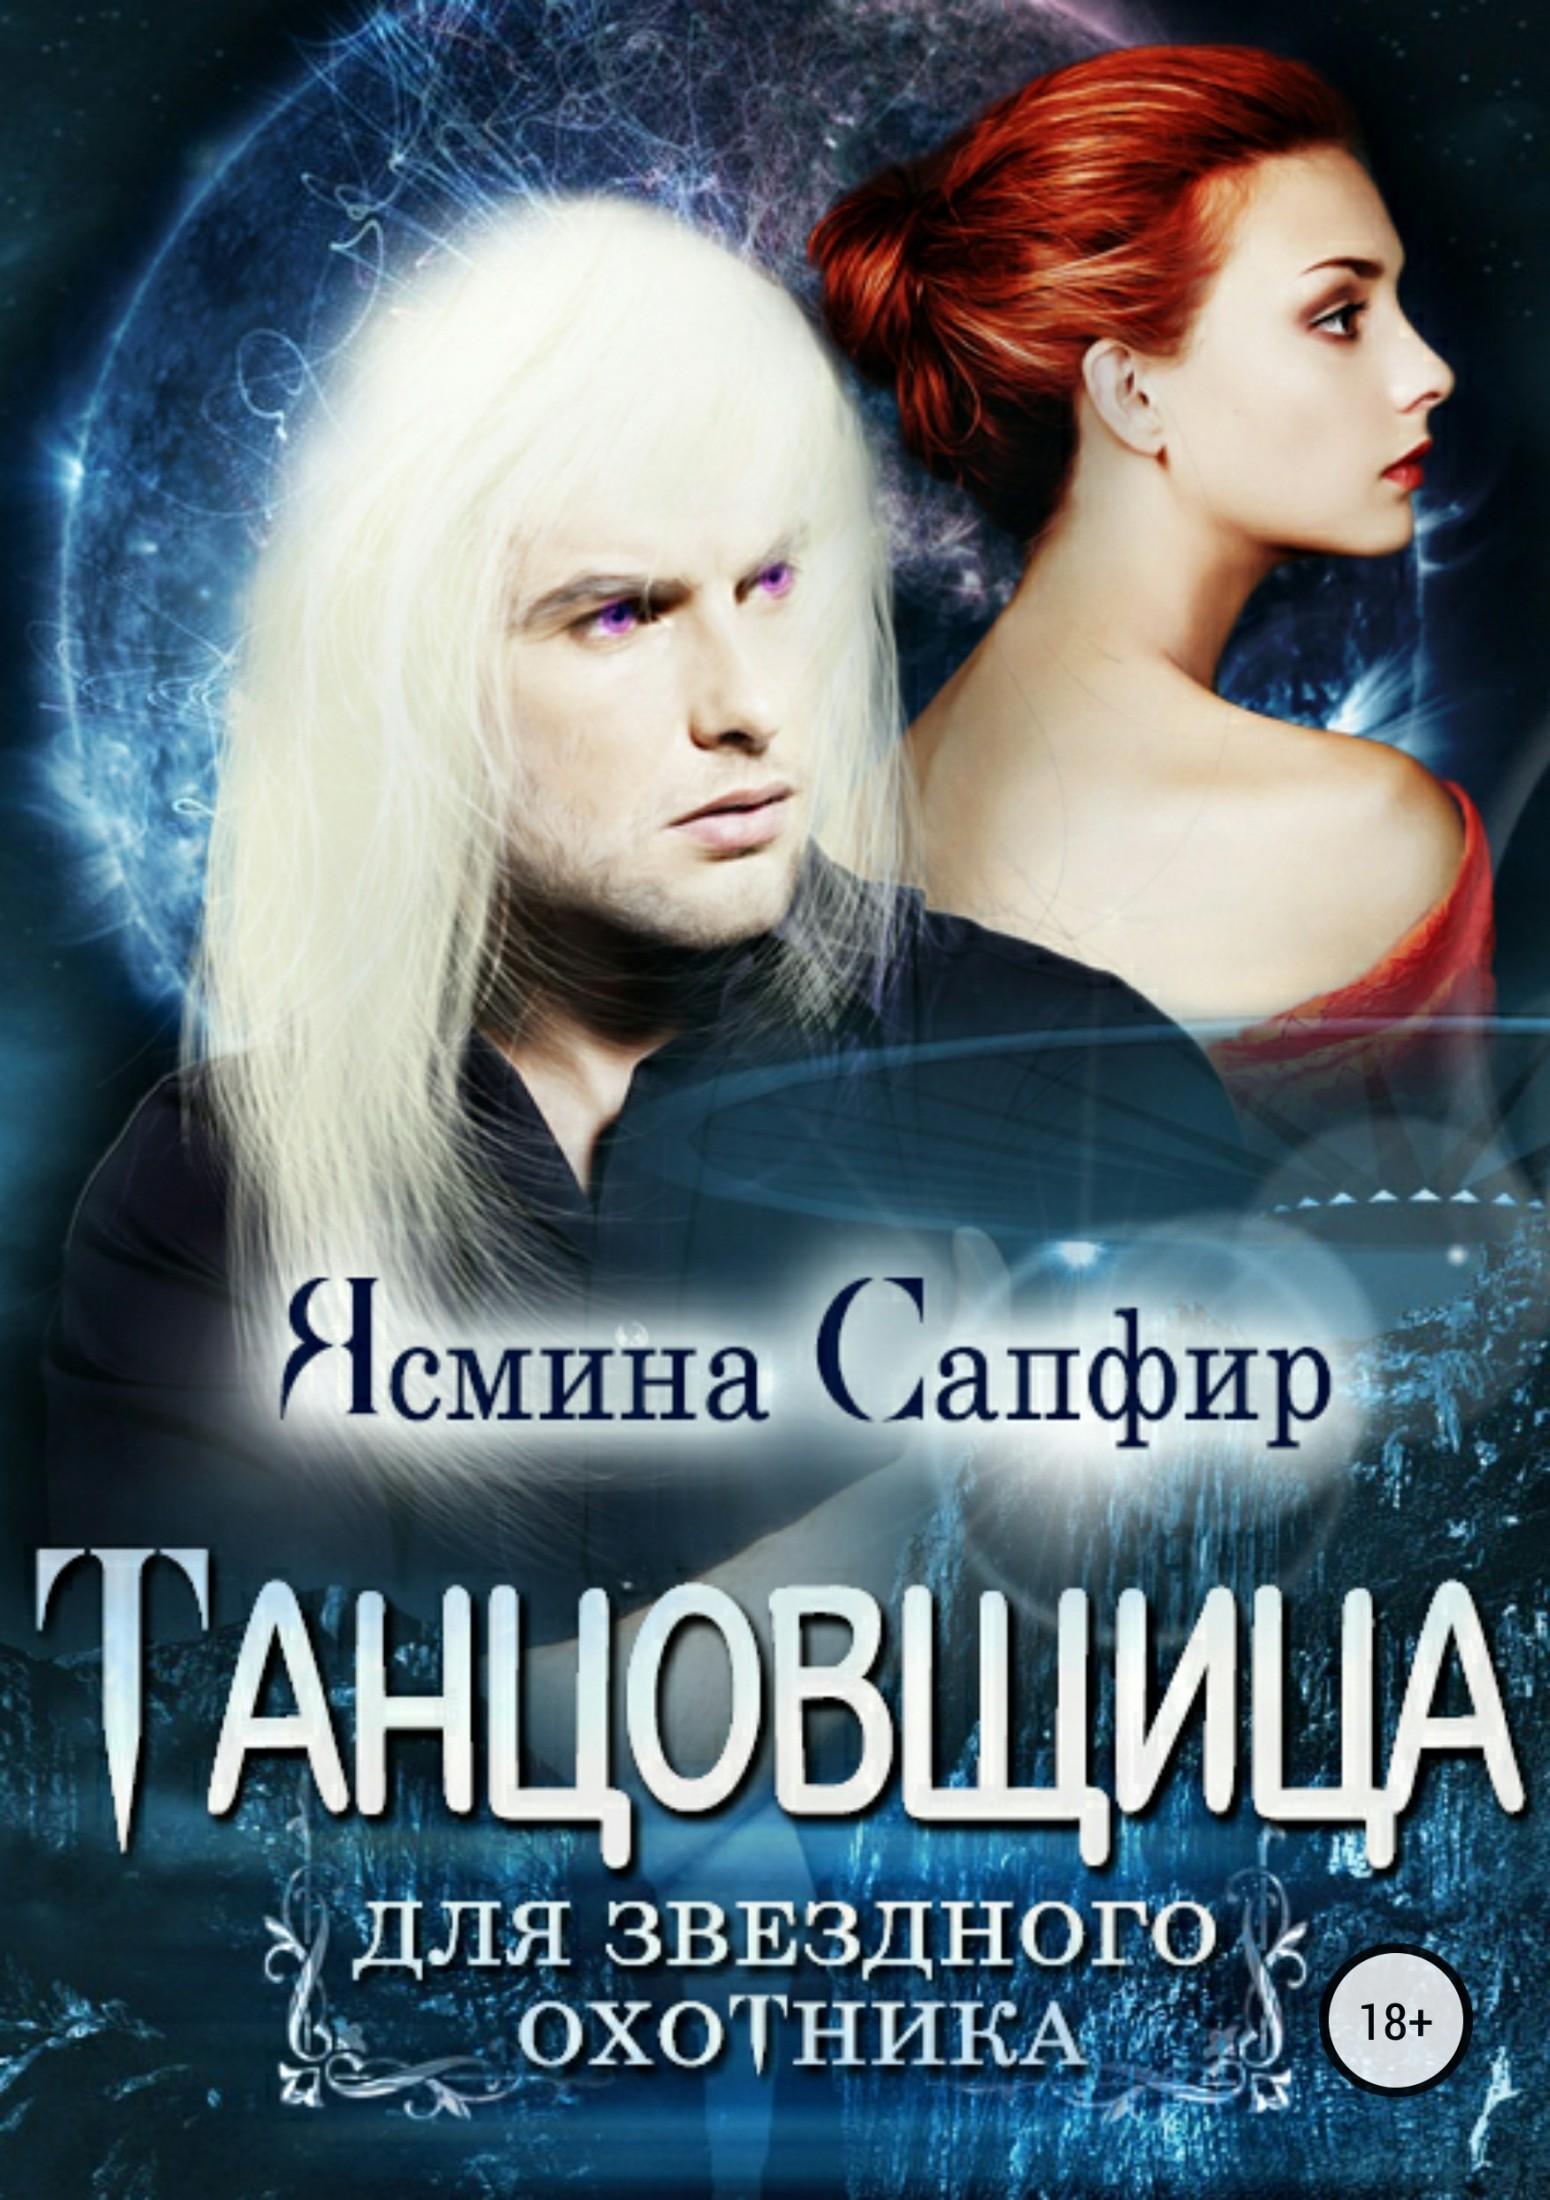 Ясмина Сапфир - Танцовщица для звездного охотника